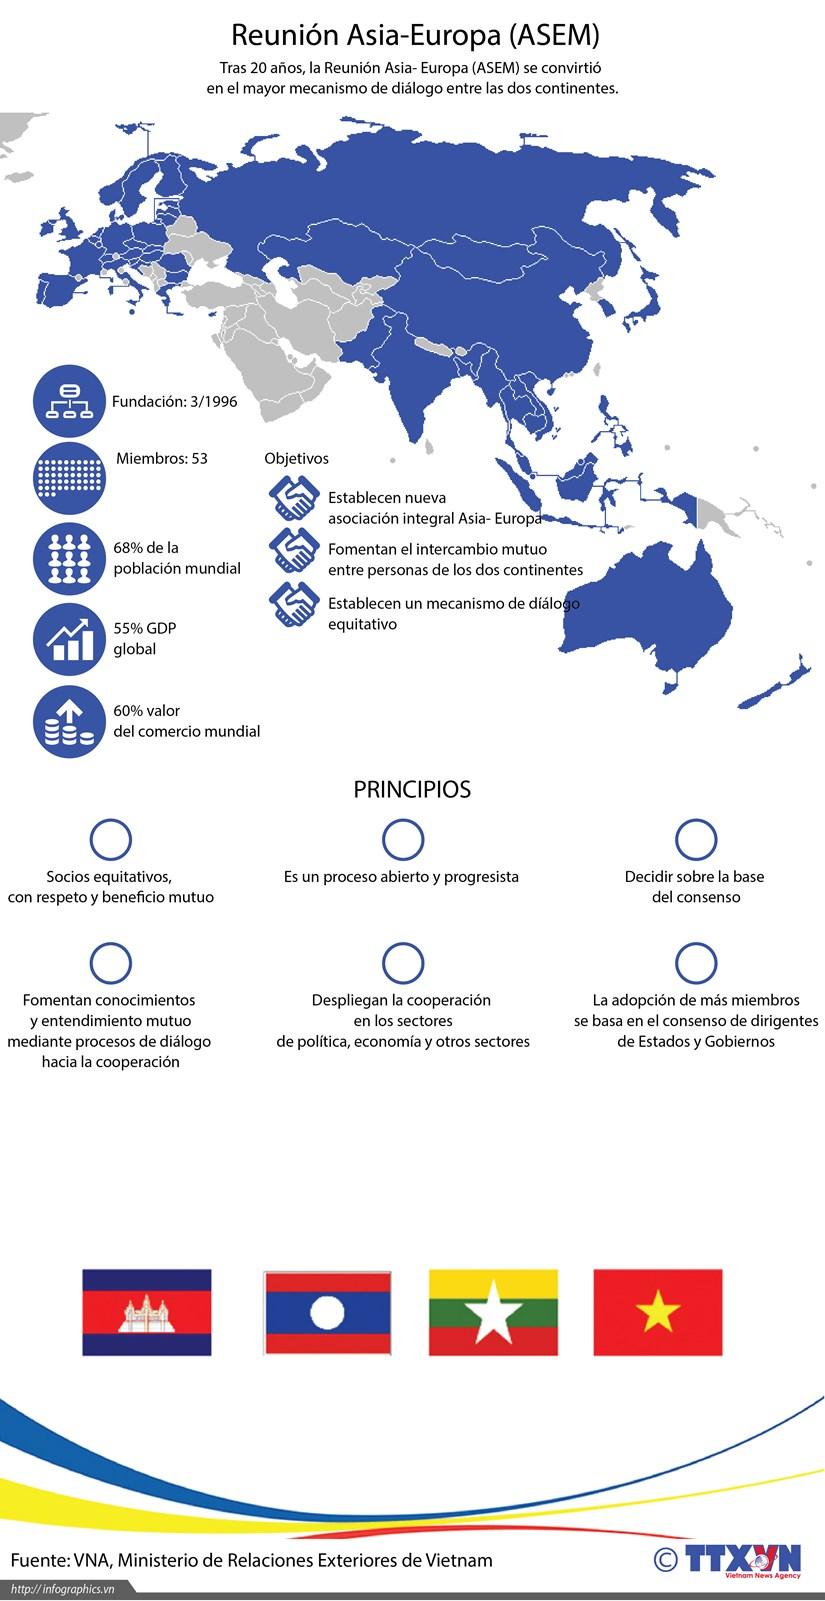 [Infografia] Reunion Asia-Europa (ASEM) hinh anh 1